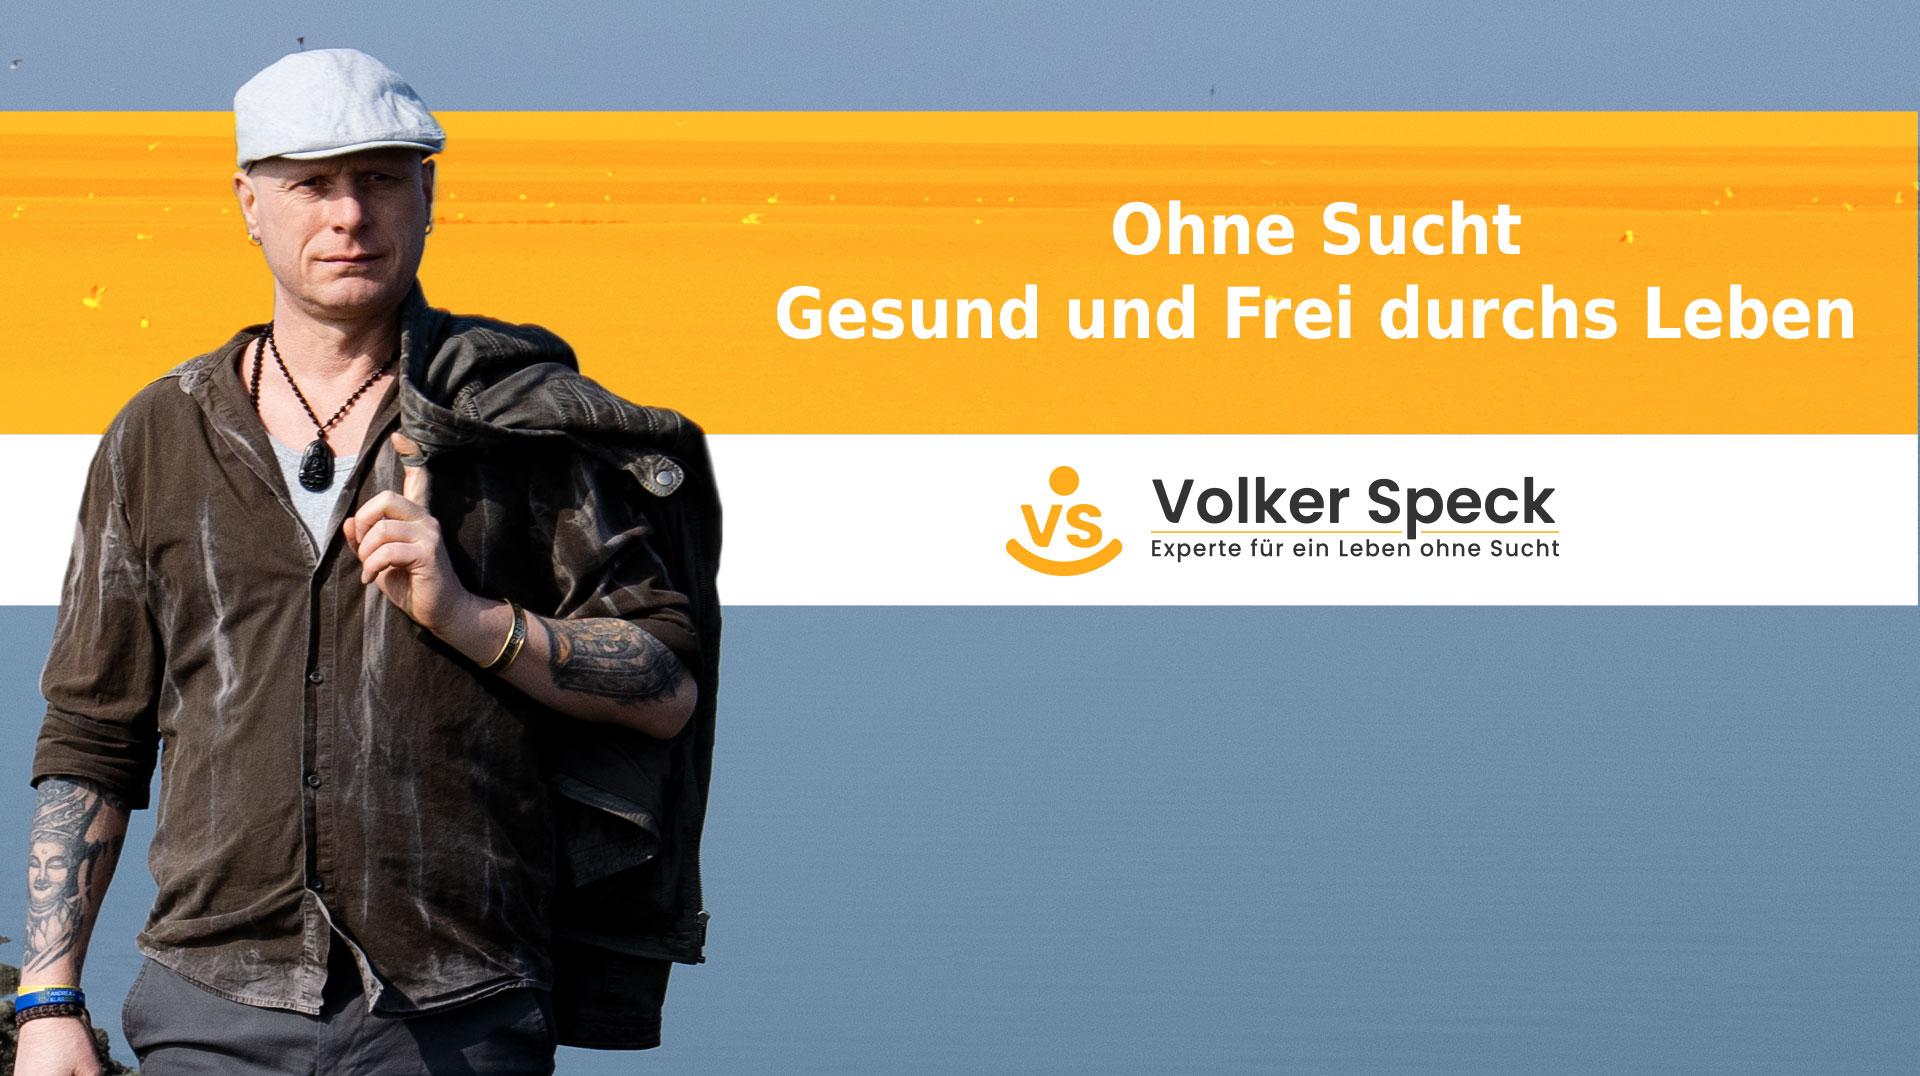 Volker Speck